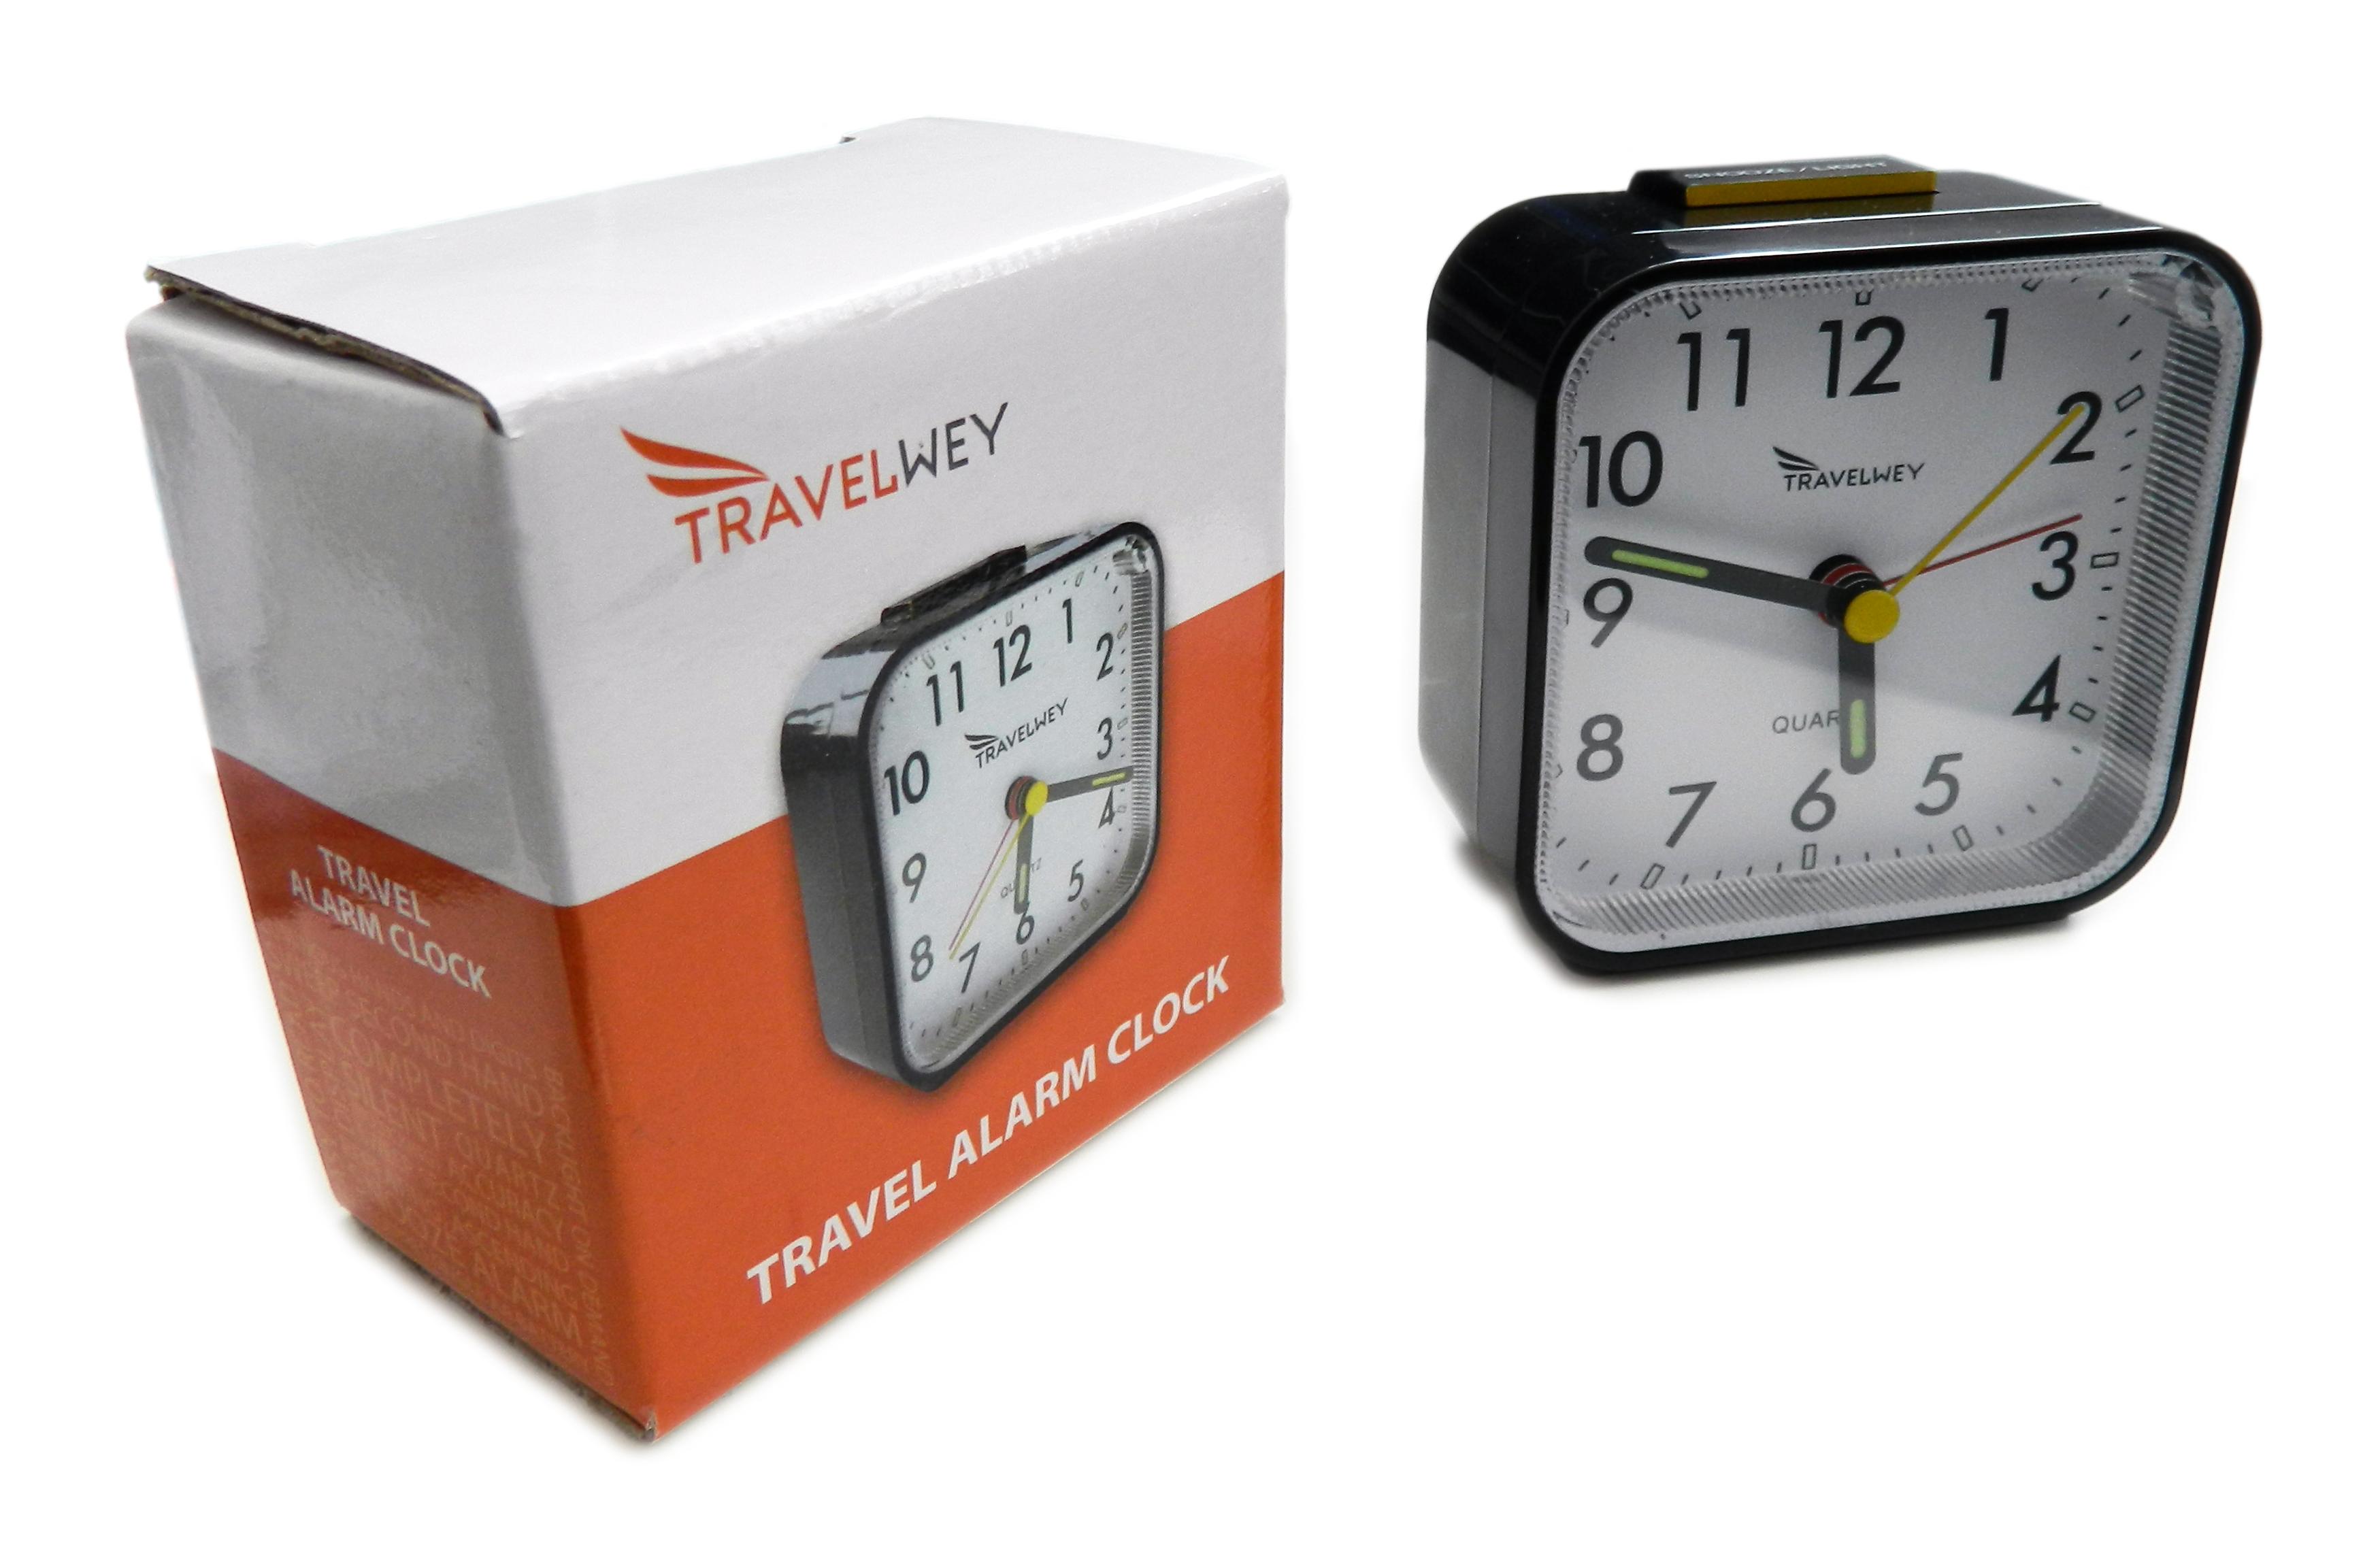 analog alarm clock. Black Bedroom Furniture Sets. Home Design Ideas